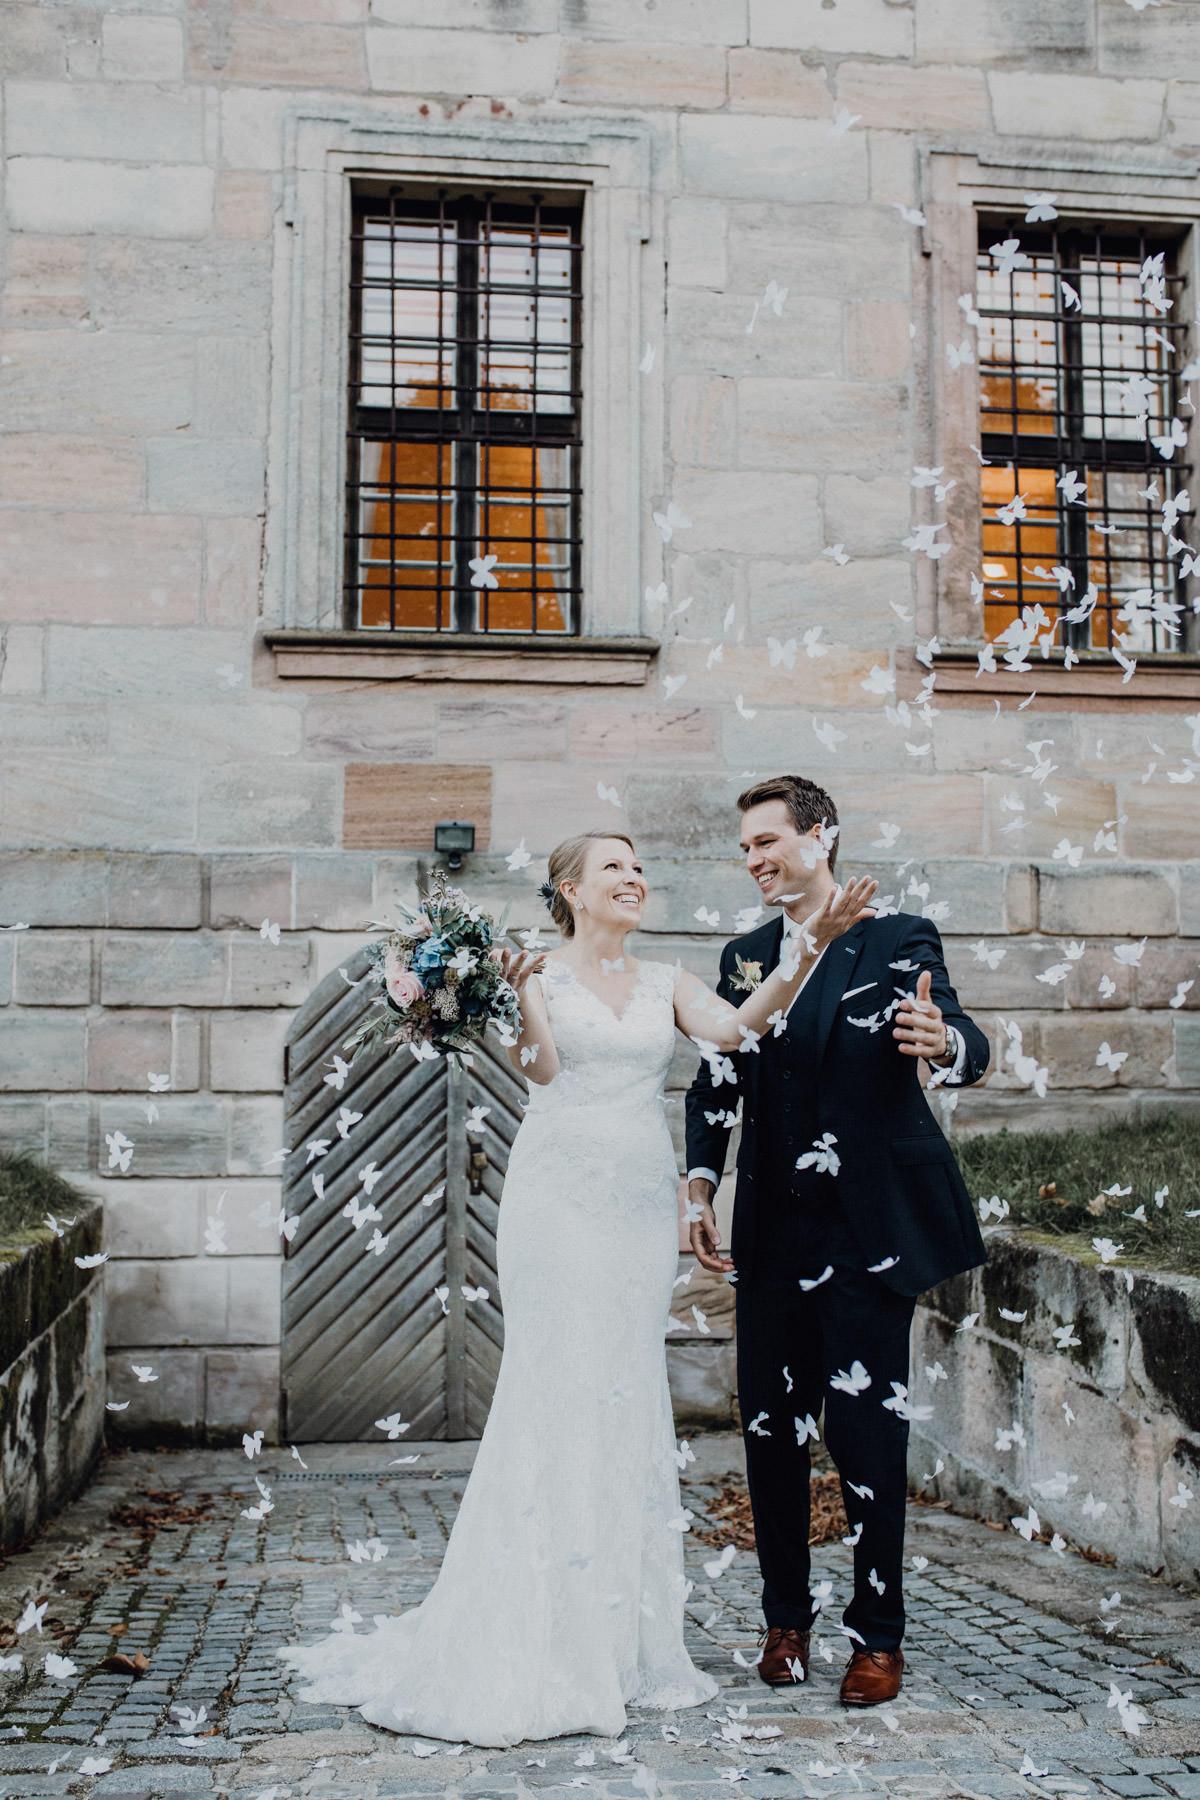 Fotografie eines Brautpaares